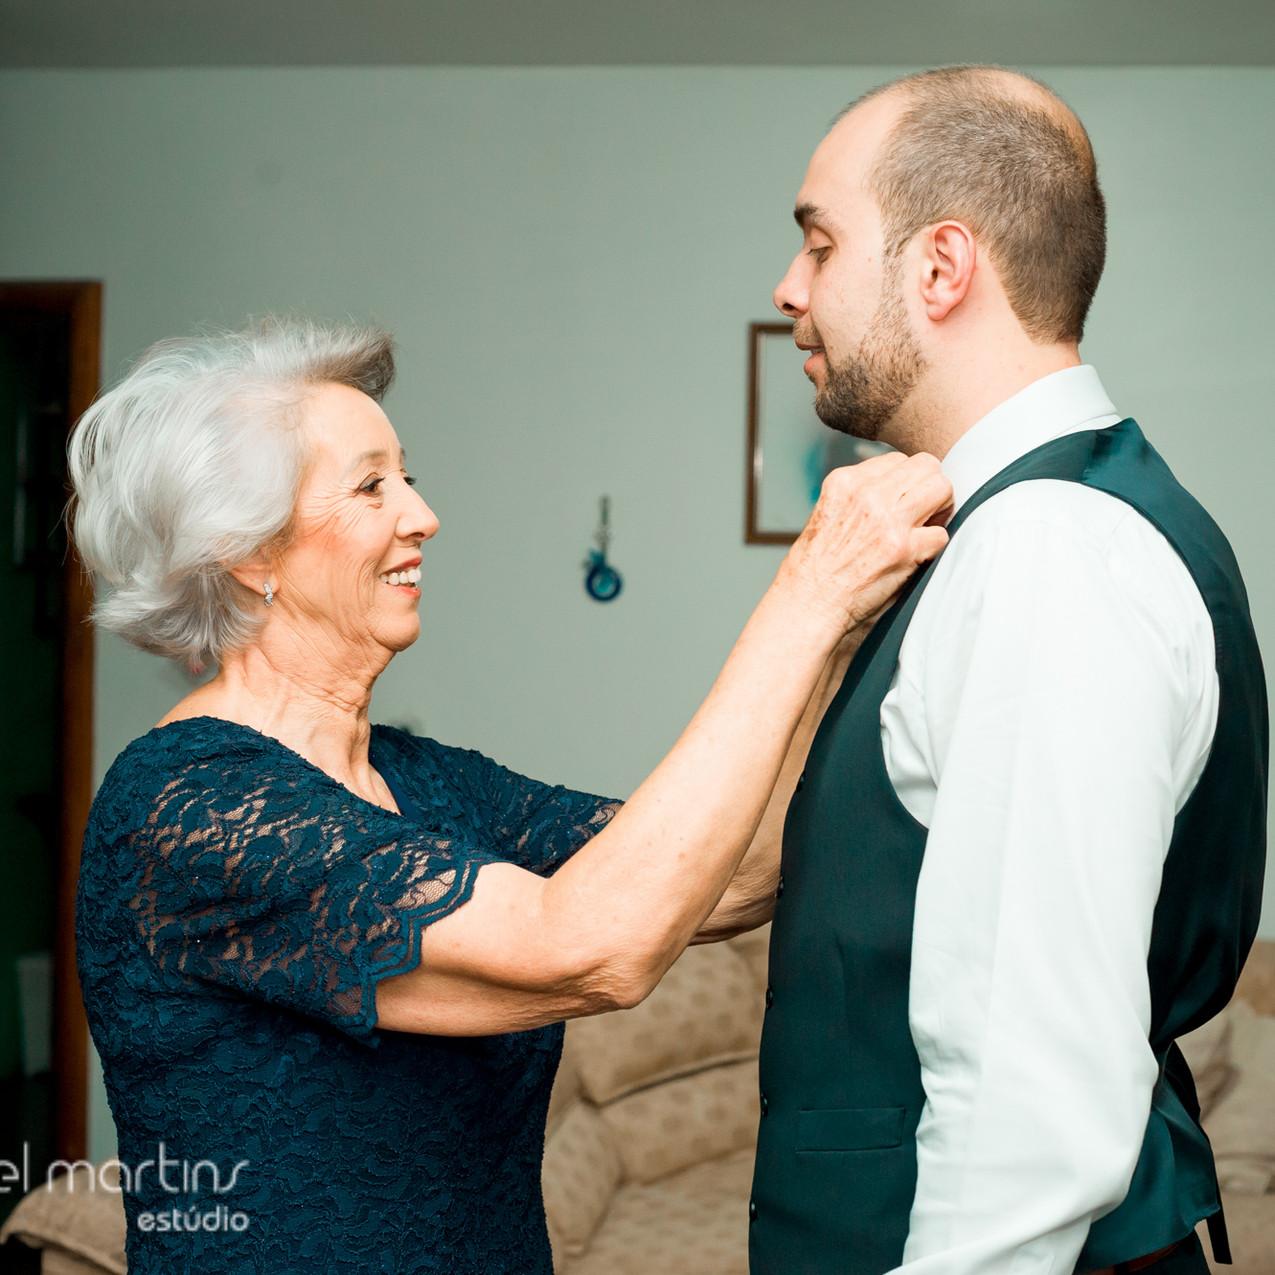 BeR-1654-fotografo-casamento-wedding-gotadagua-rustico-brunaeraul-boho-diy-portoalegre-daniel-martins